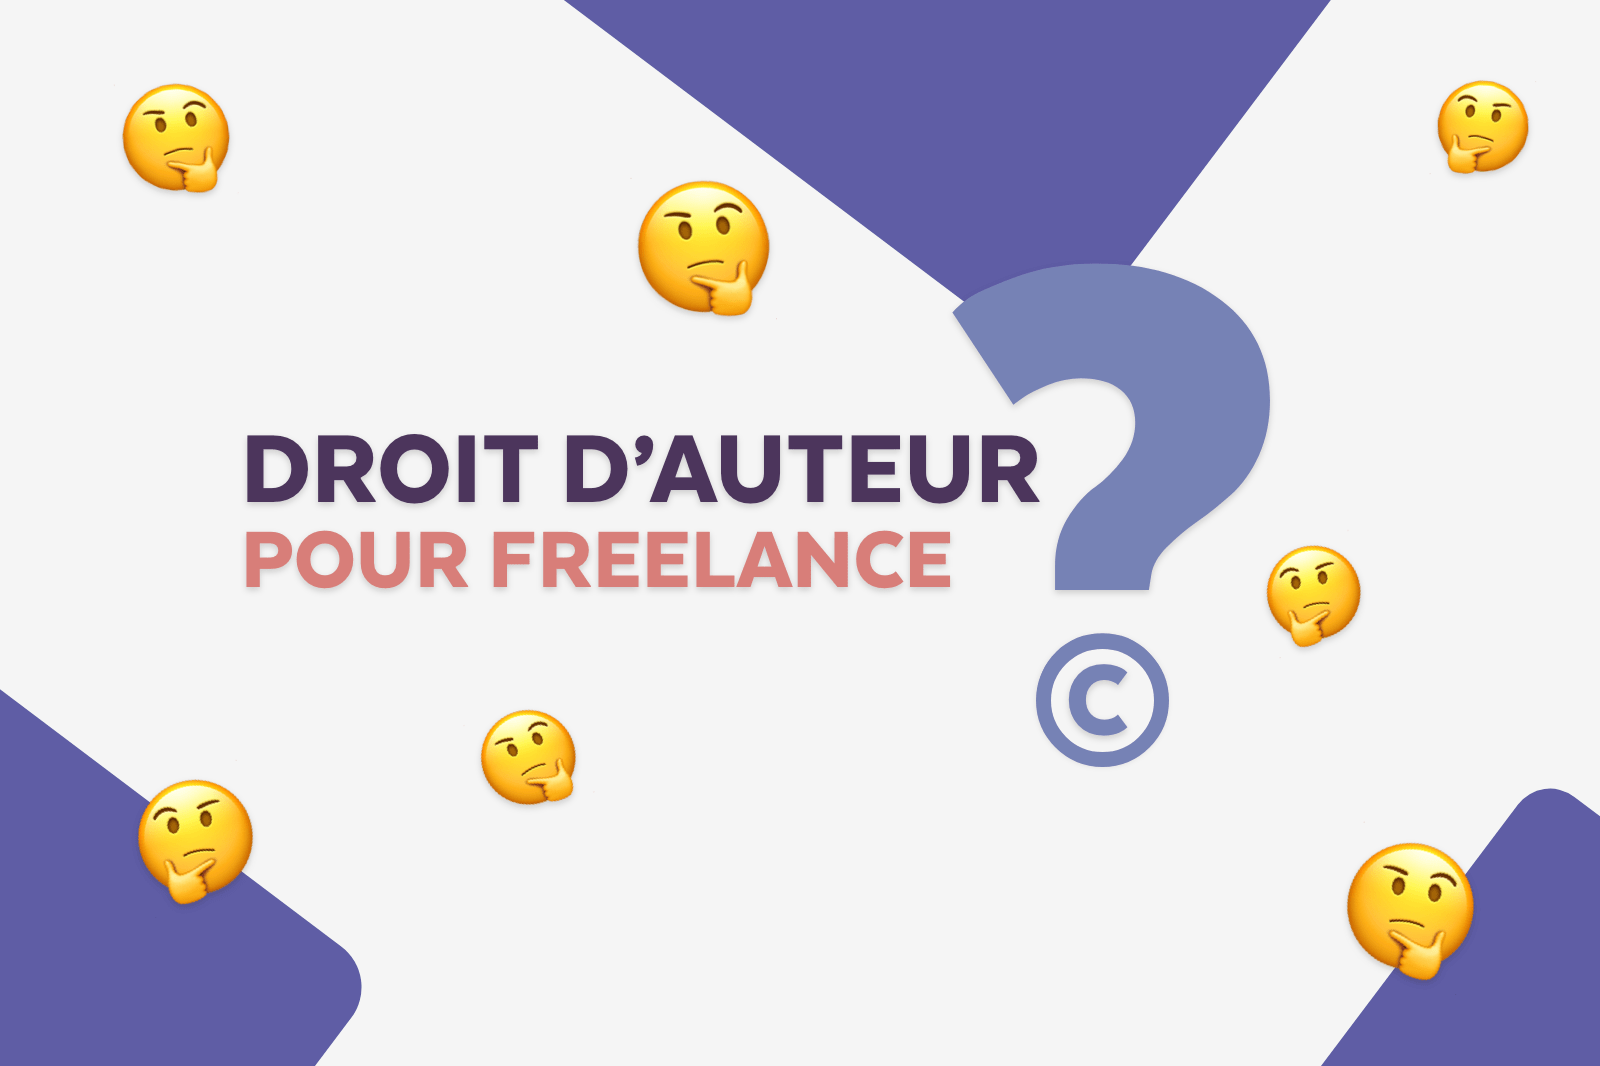 Article de blog et travailler en freelance, comment gérer le droit d'auteur pour freelance.